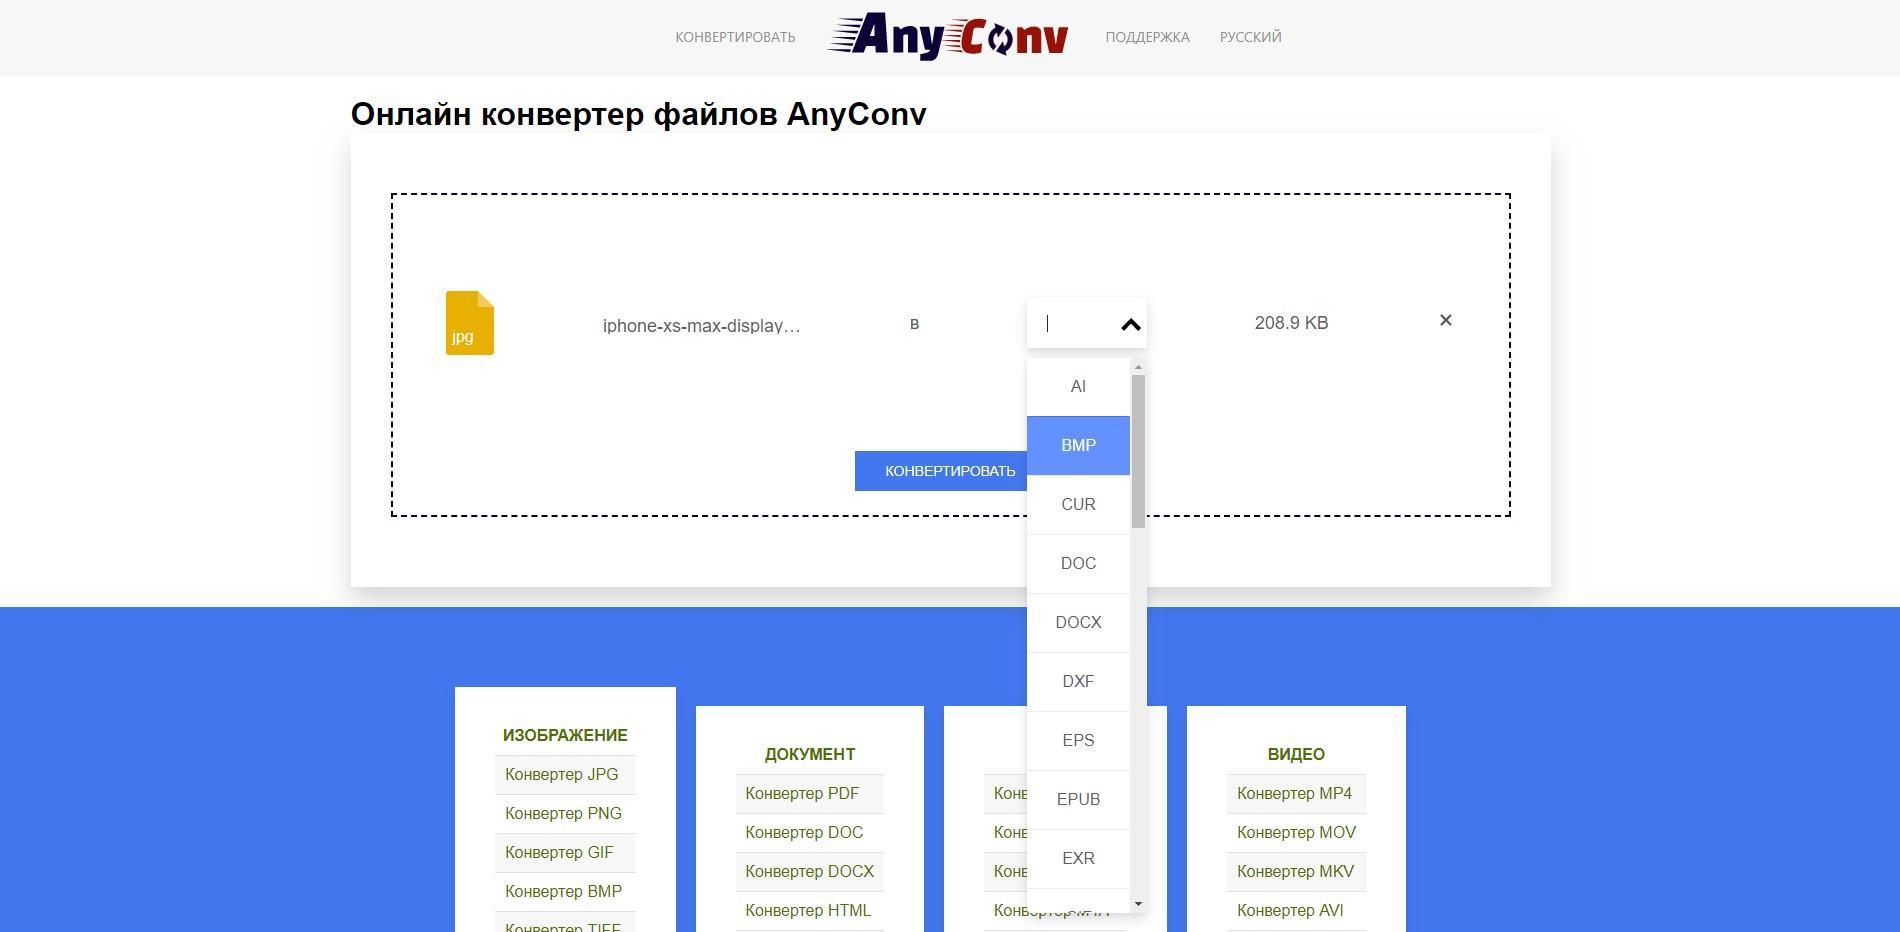 Удобный и эффективный конвертер для преобразования файлов в нужный формат